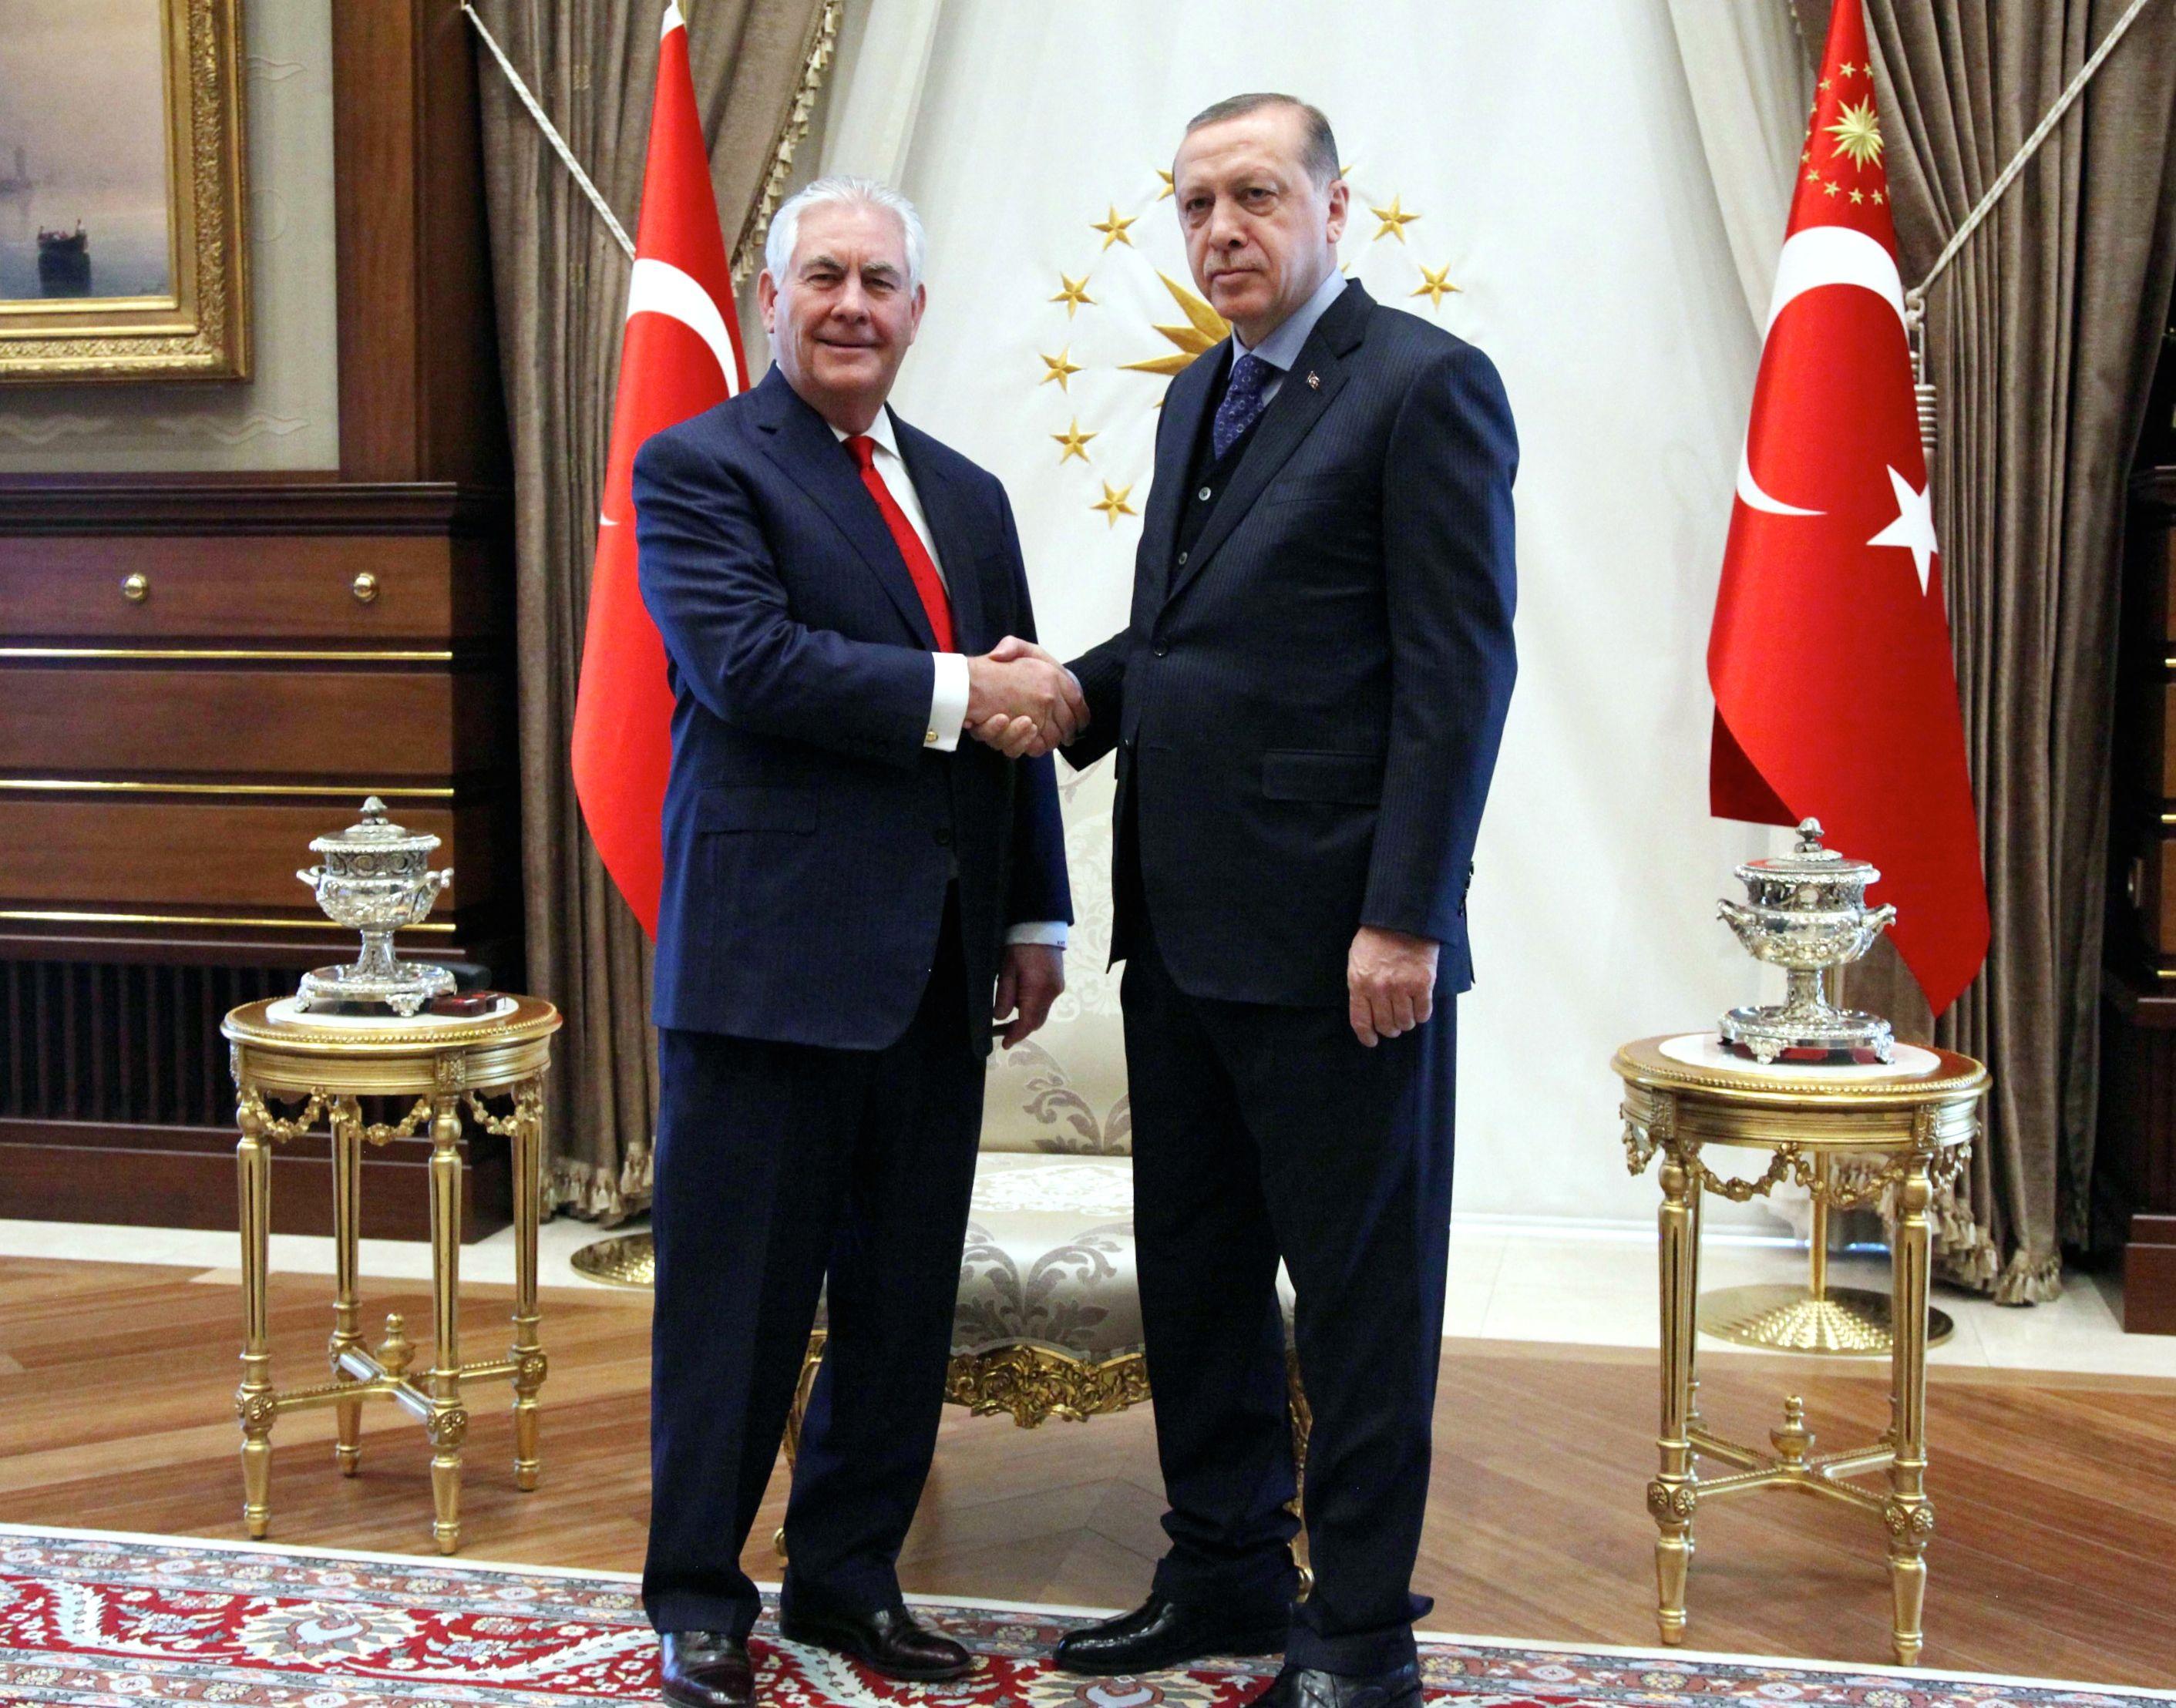 Ey AKP'li Yandaş Yazar ve Yorumcular; Tillerson'ın Dayatmaları ve İktidarın Tutarsız Açıklamaları Karşısında: CALKAZANLIĞIN BİLE CILKINI ÇIKARDINIZ!